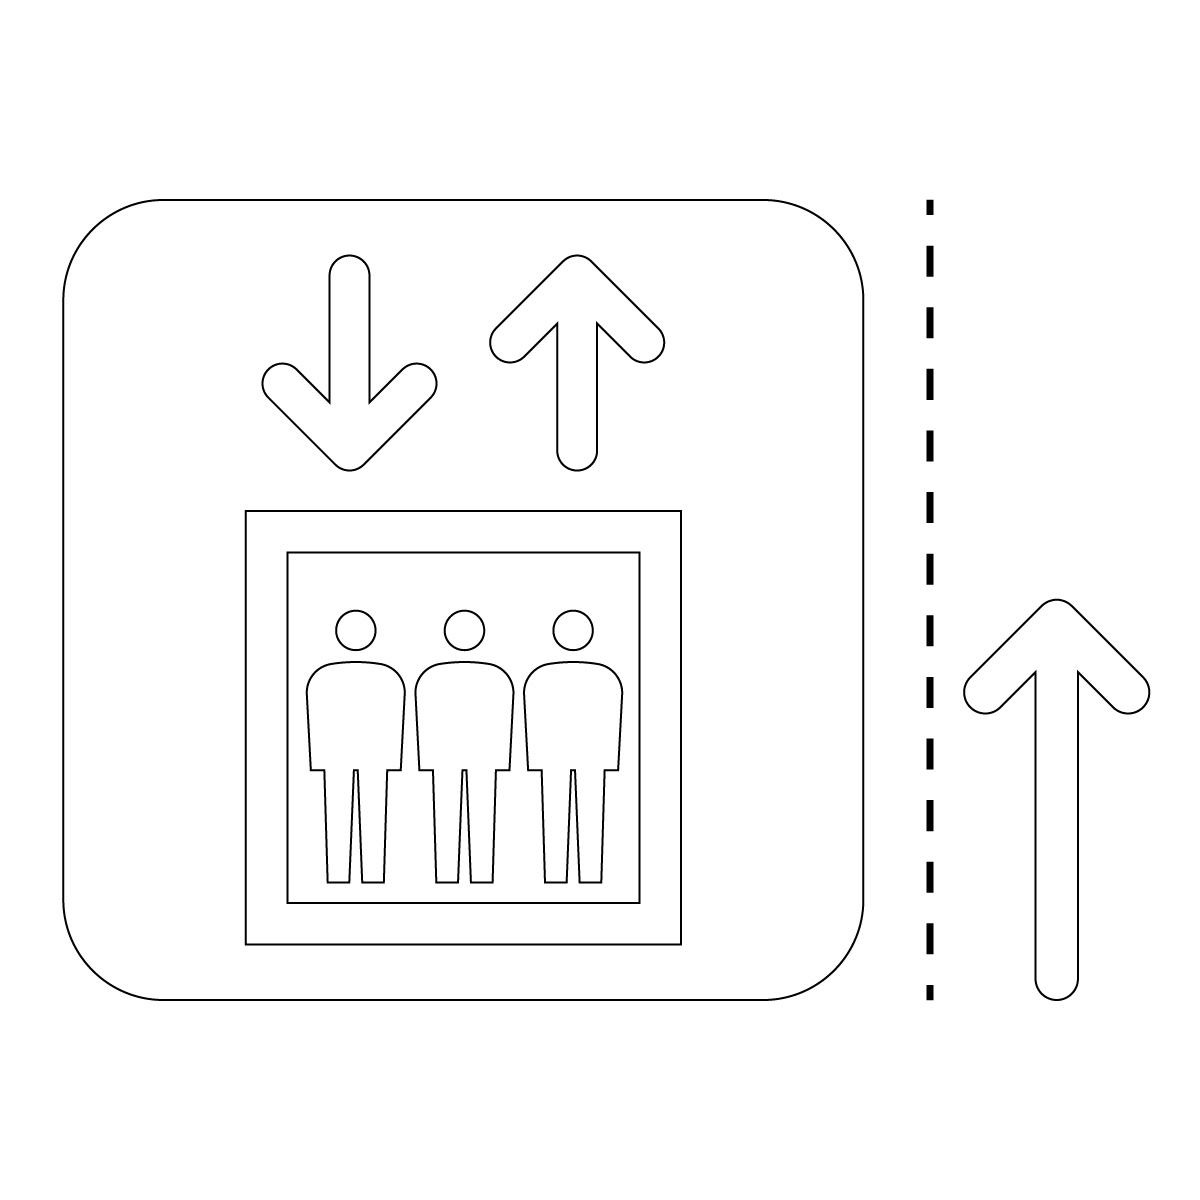 白色のエレベーター案内マーク(矢印付き)のカッティングステッカー・シール 光沢タイプ・耐水・屋外耐候3~4年